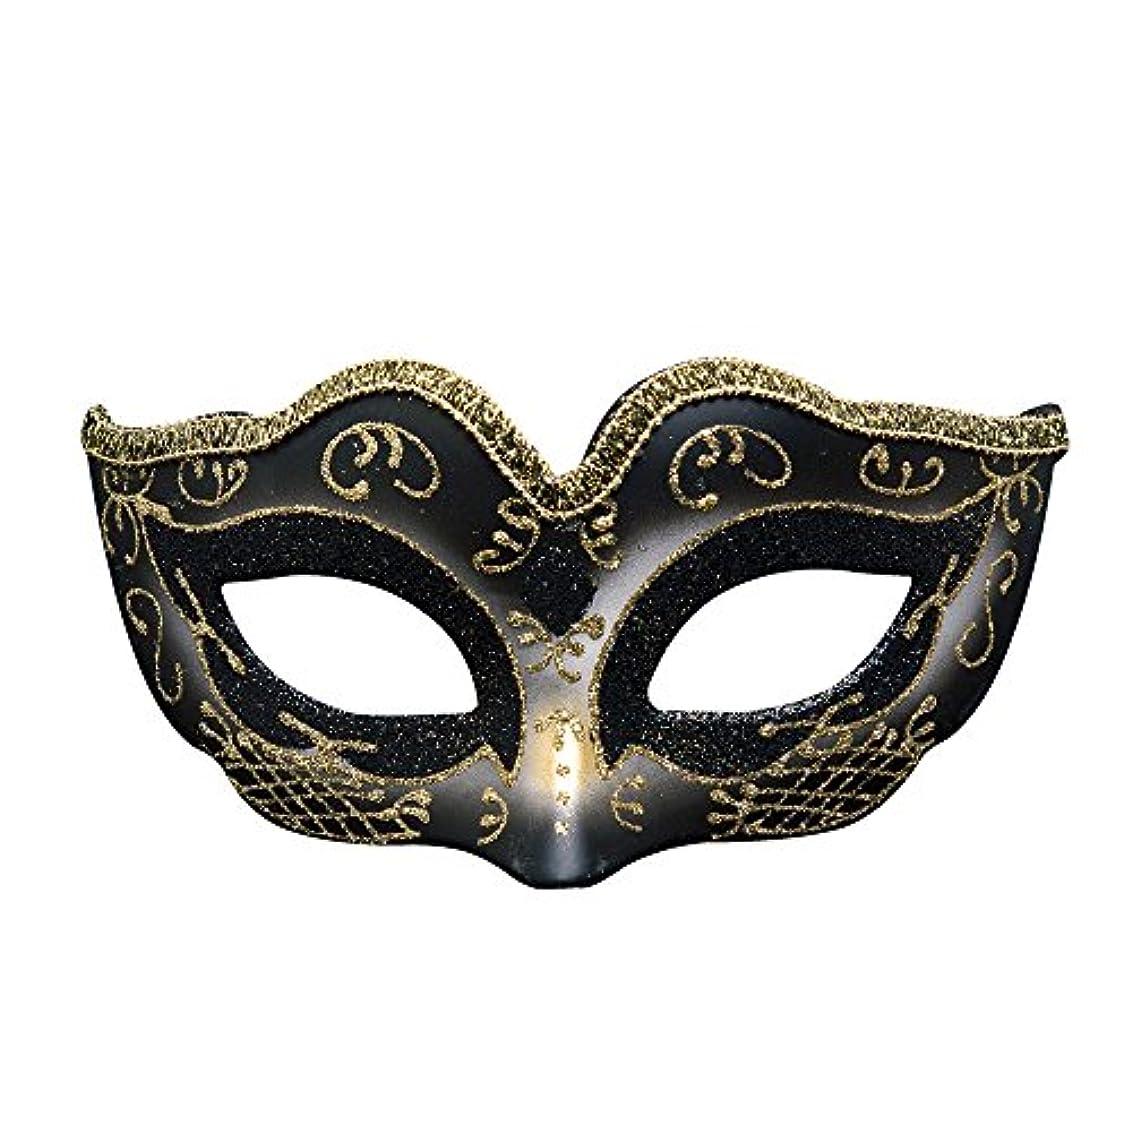 ユーザー膨らみヘルメットクリエイティブキッズマスカレードパーティーハロウィンマスククリスマス雰囲気マスク (Color : #2)